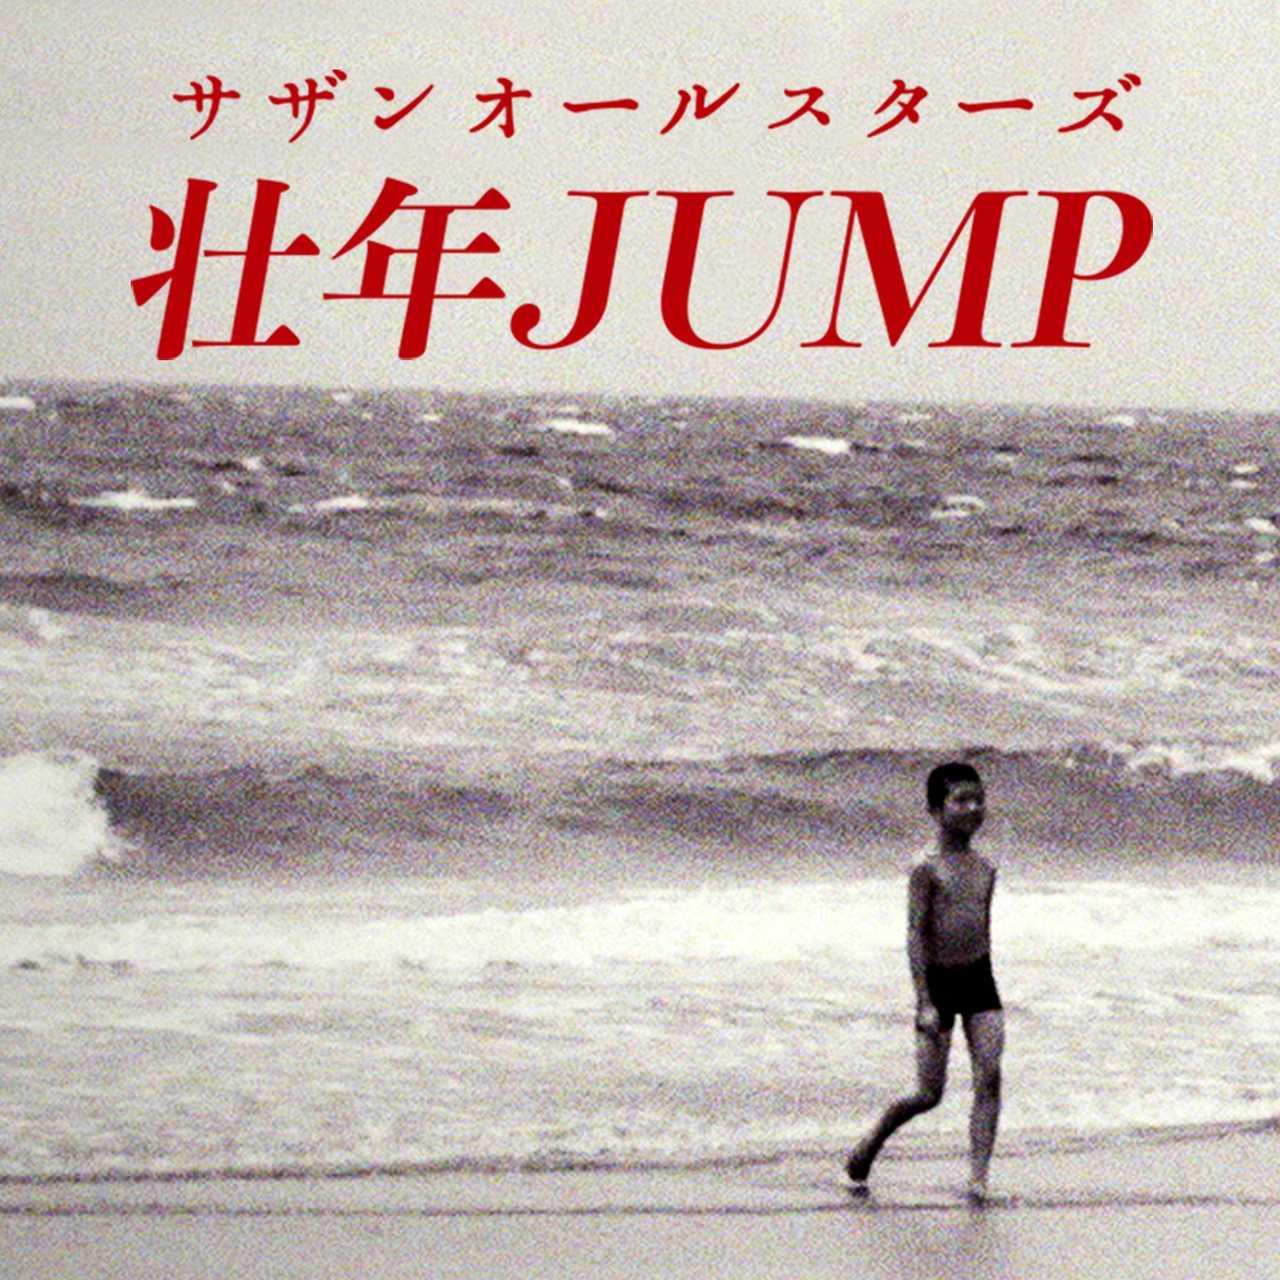 配信楽曲「壮年JUMP」